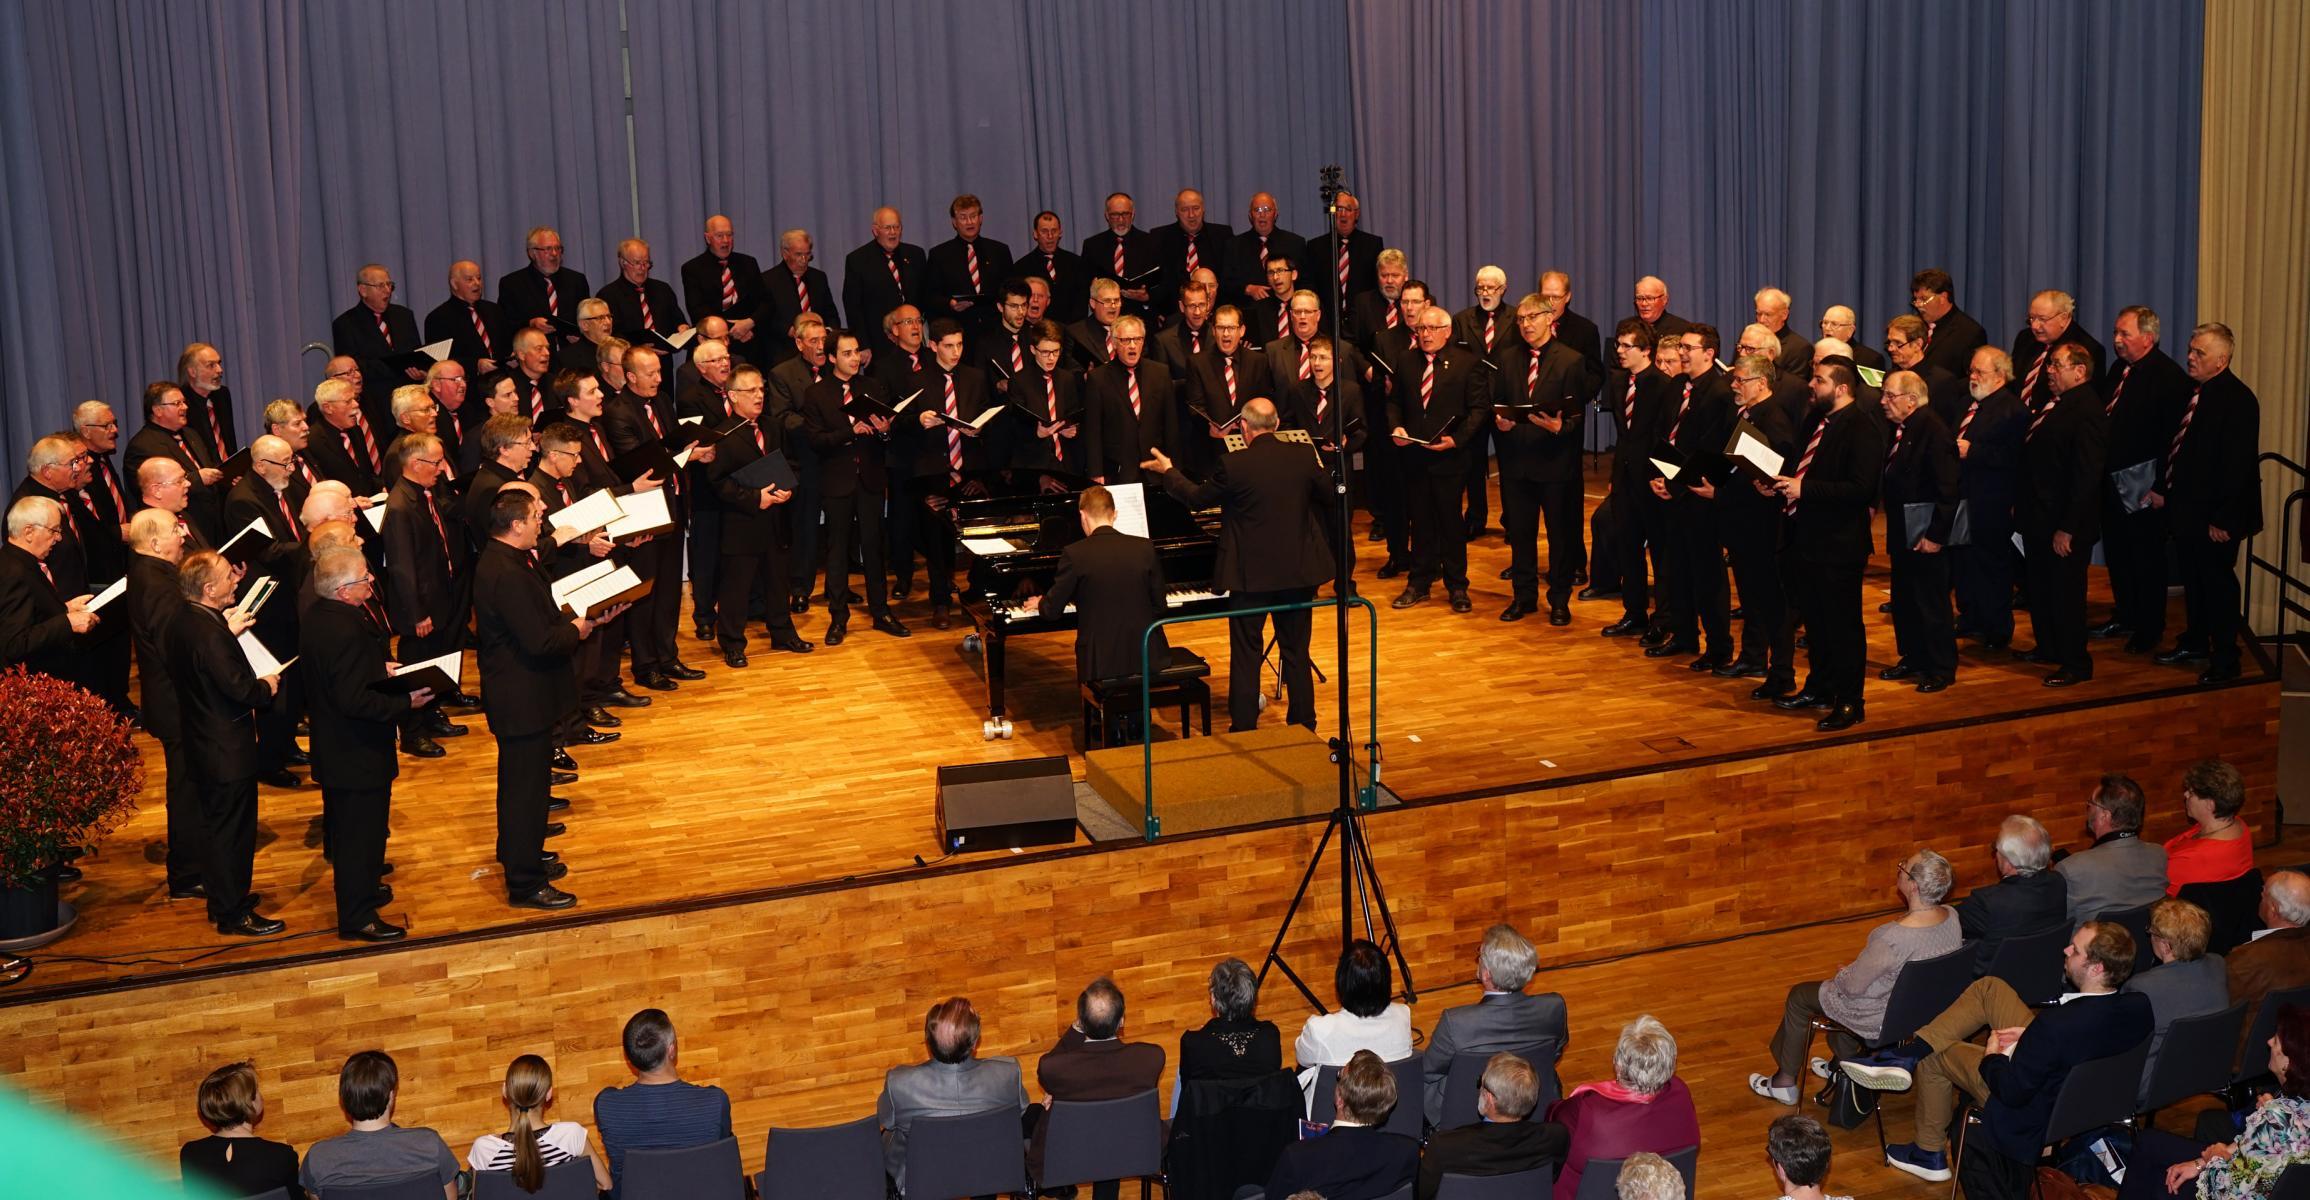 Männerchor Neureut 1 Bild P Schmitteckert